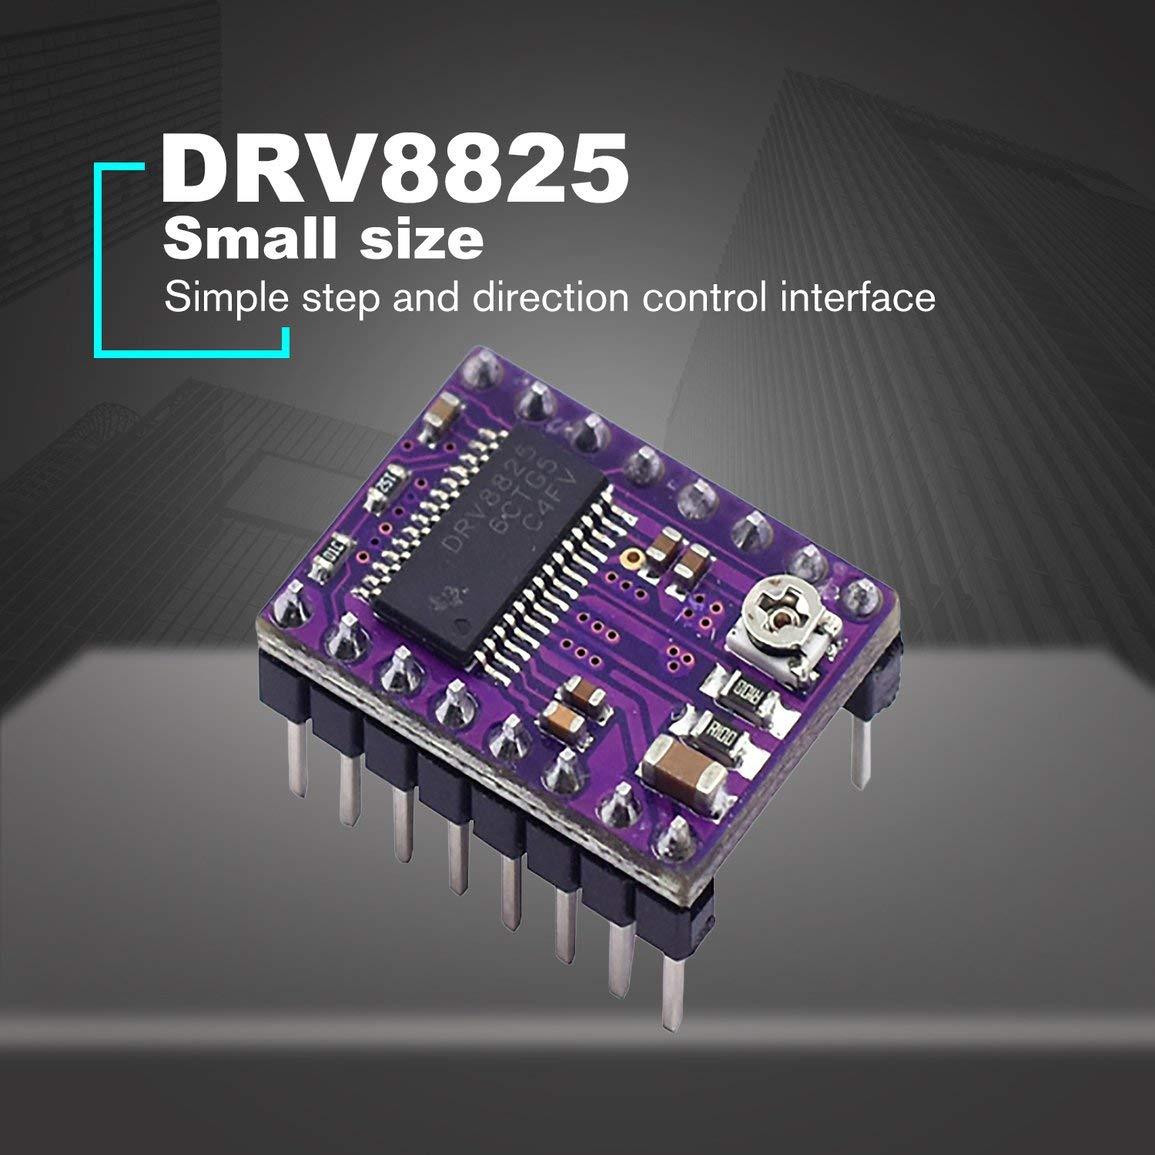 Controlador del motor paso a paso DRV8825 StepStick Silencio Rampas del controlador 1.4 Reprap 4 M/ódulo de PCB con el disipador de calor Pinter de pieza en 3D Accesorios Color: Negro